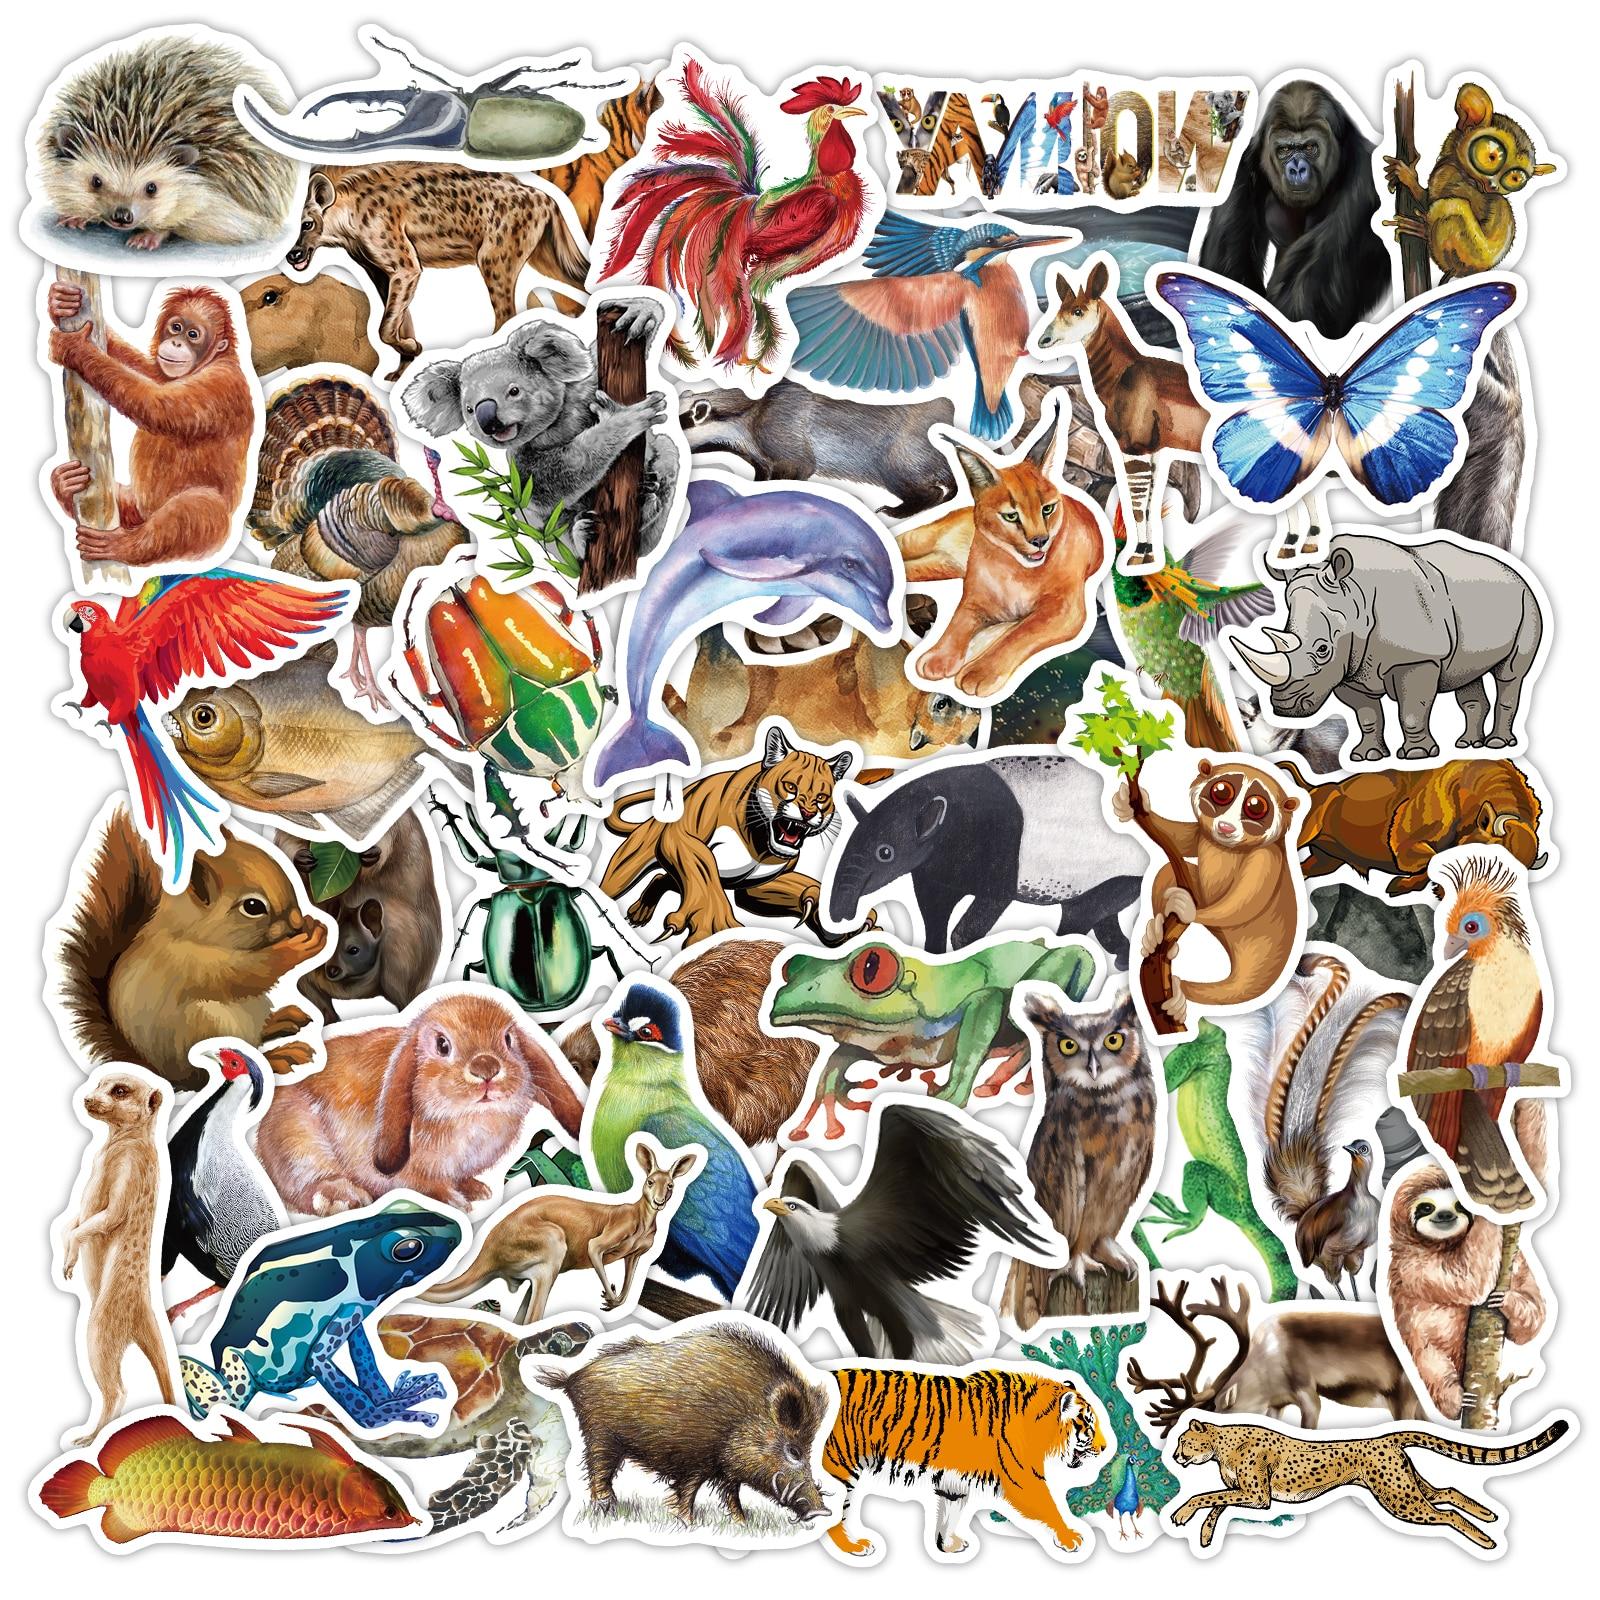 80 tropical floresta tropical animais adesivos bonito tigre coelho preguiça para portátil carro mala skate garrafa de água decalque do miúdo brinquedo